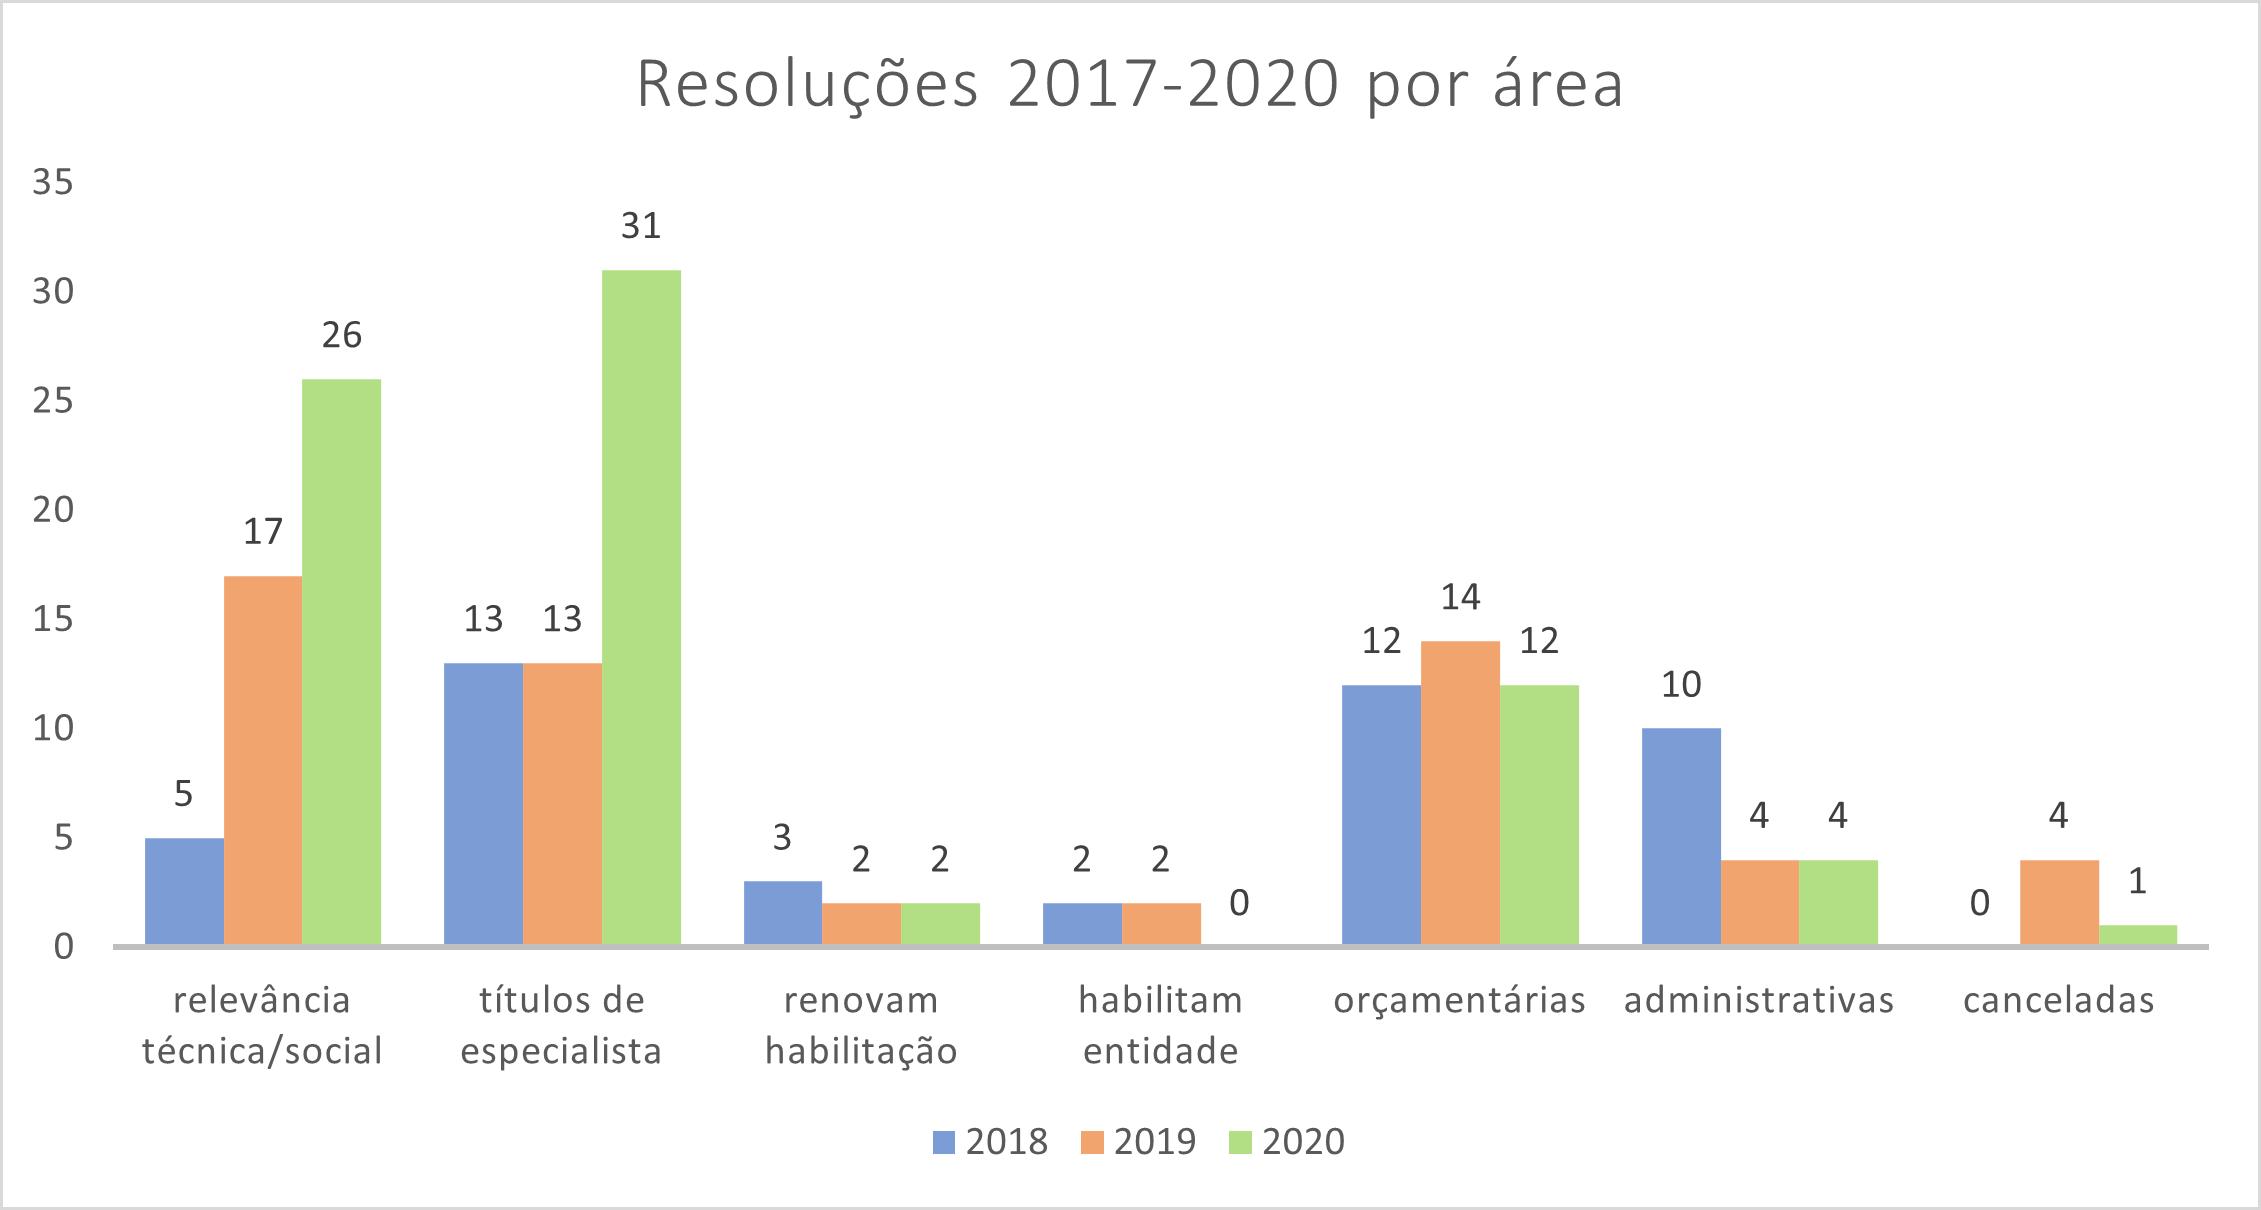 Resoluções 2017-2020 por tema